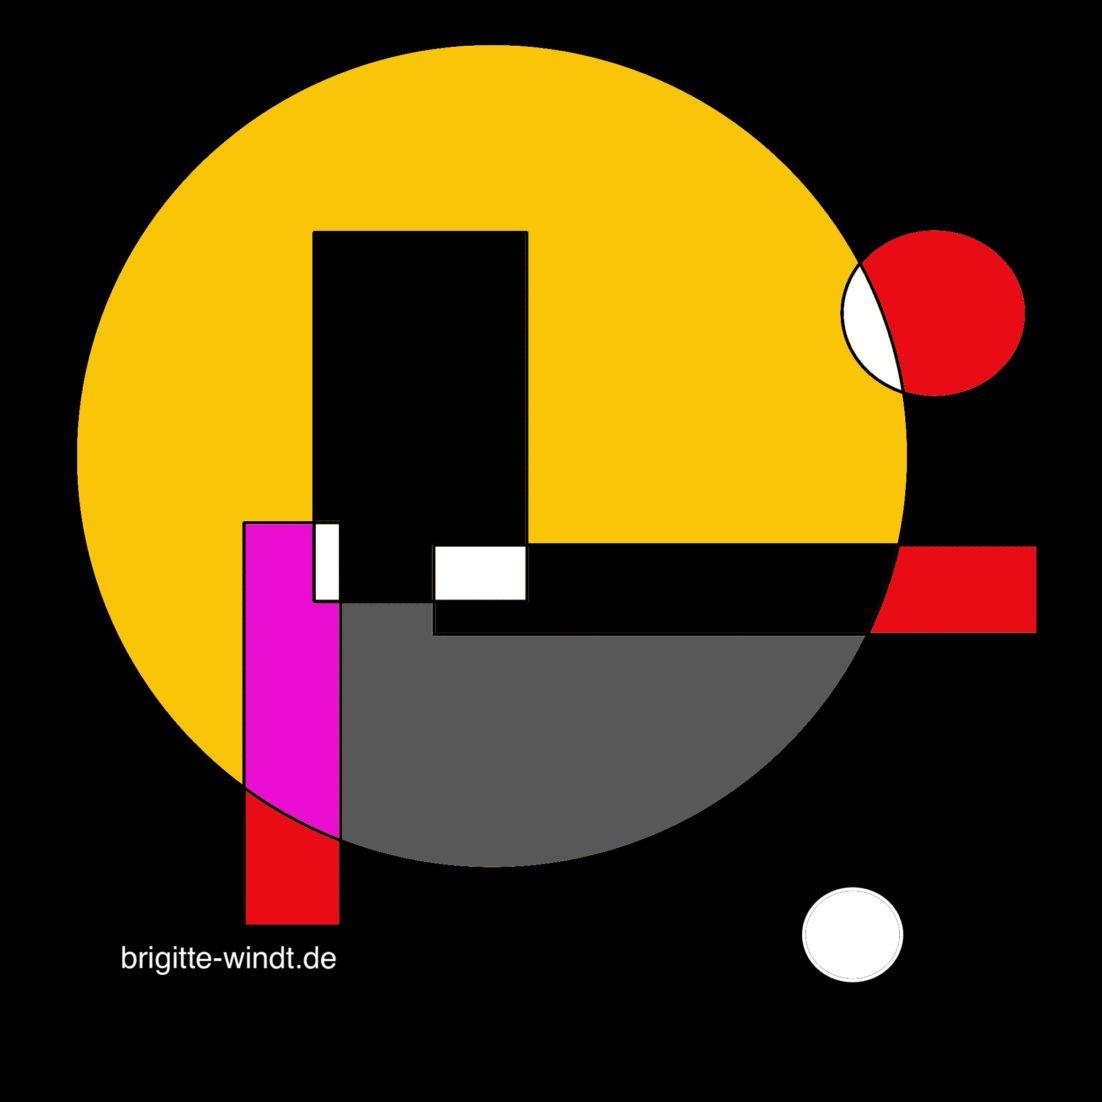 IMPÜLSCHEN Brigitte Windt. Leuchtend farbige geometrische Formen auf schwarzem Grund.